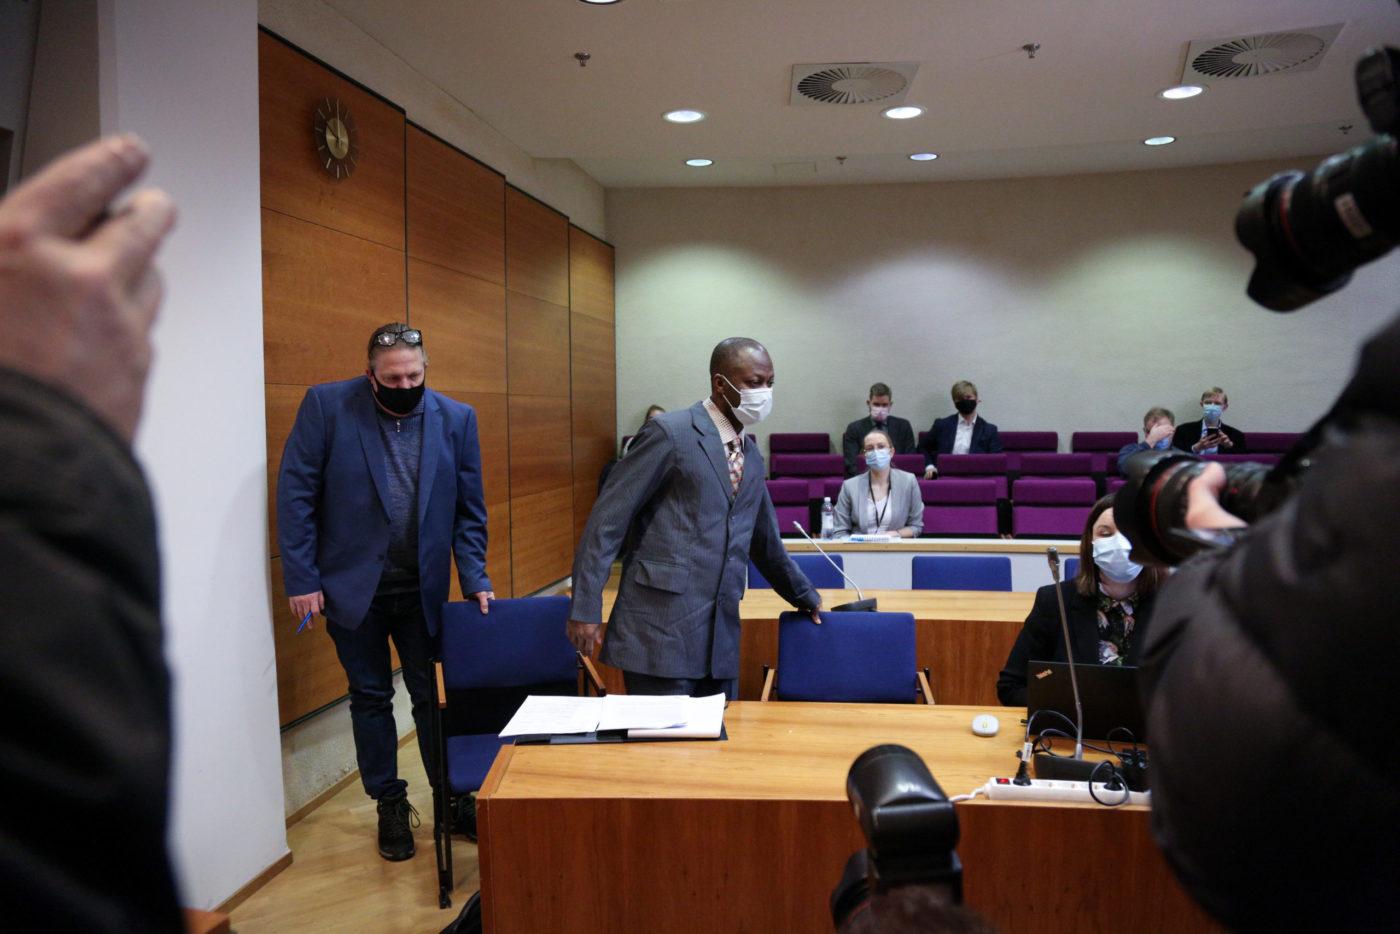 War crimes suspect Gibril Massaquoi enters the courtroom in Tampere, Finland. Premium Times /Saila Huusko